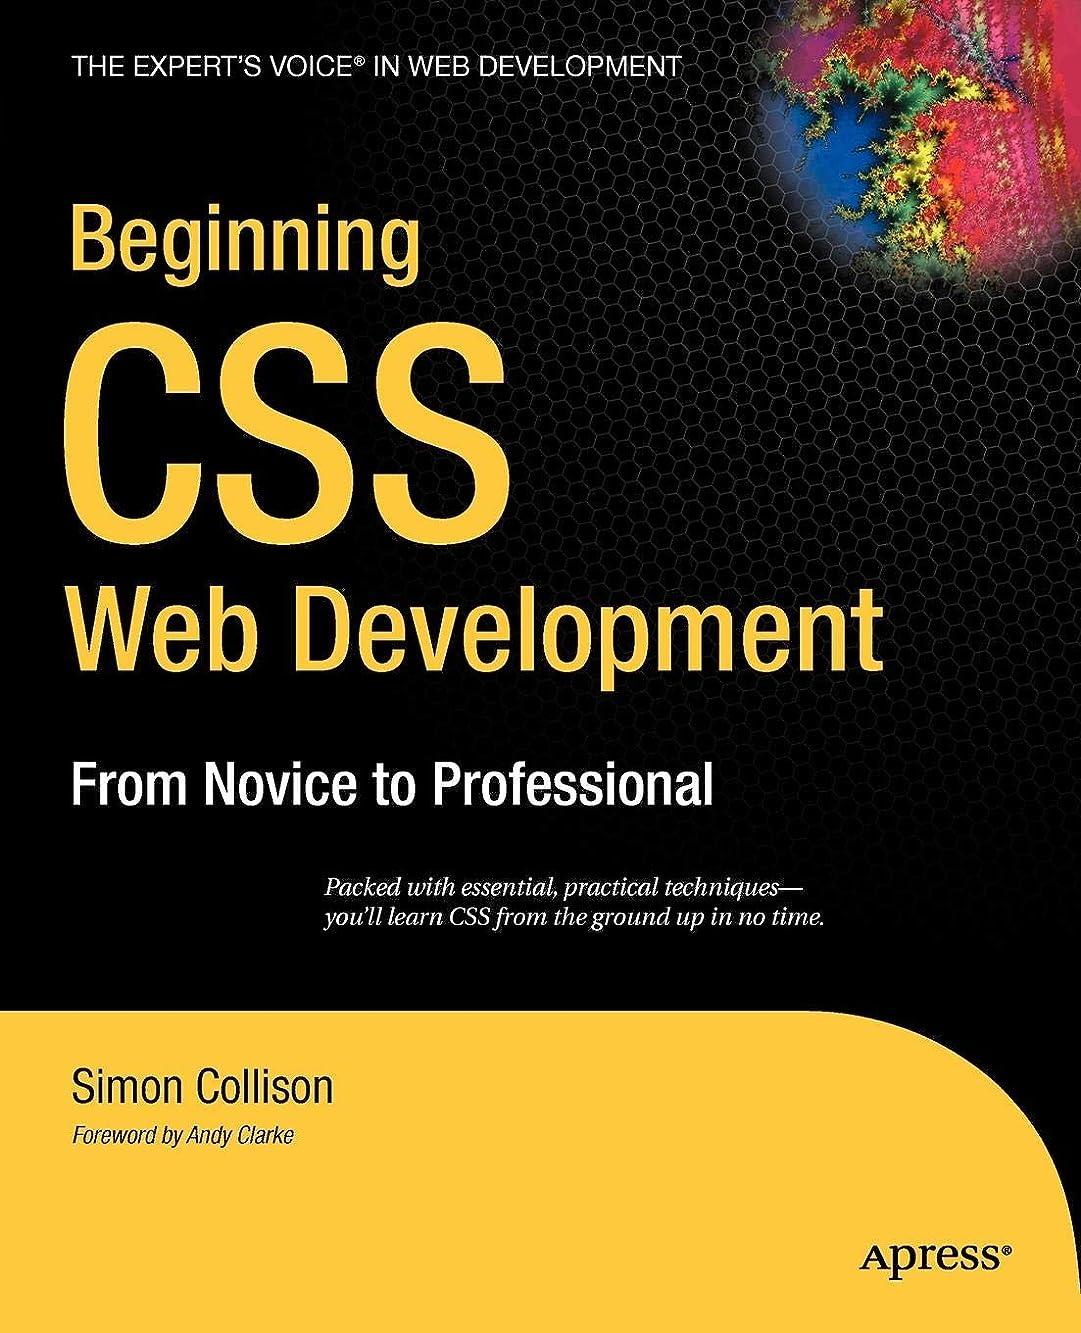 磨かれたフレームワーク叫び声Beginning CSS Web Development: From Novice to Professional